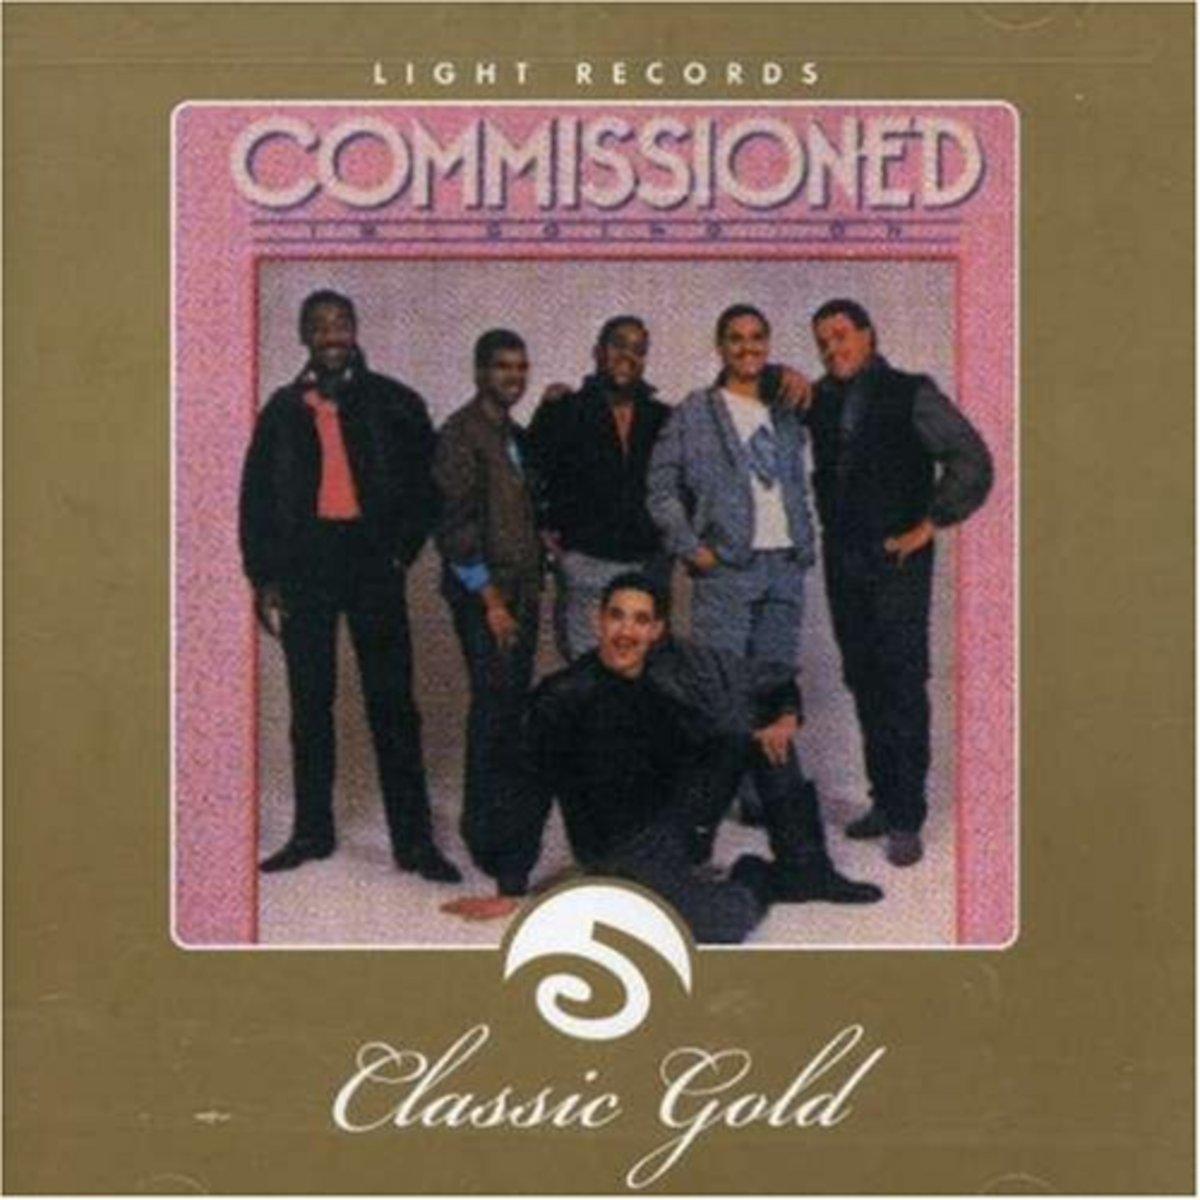 1st album Released: 1985